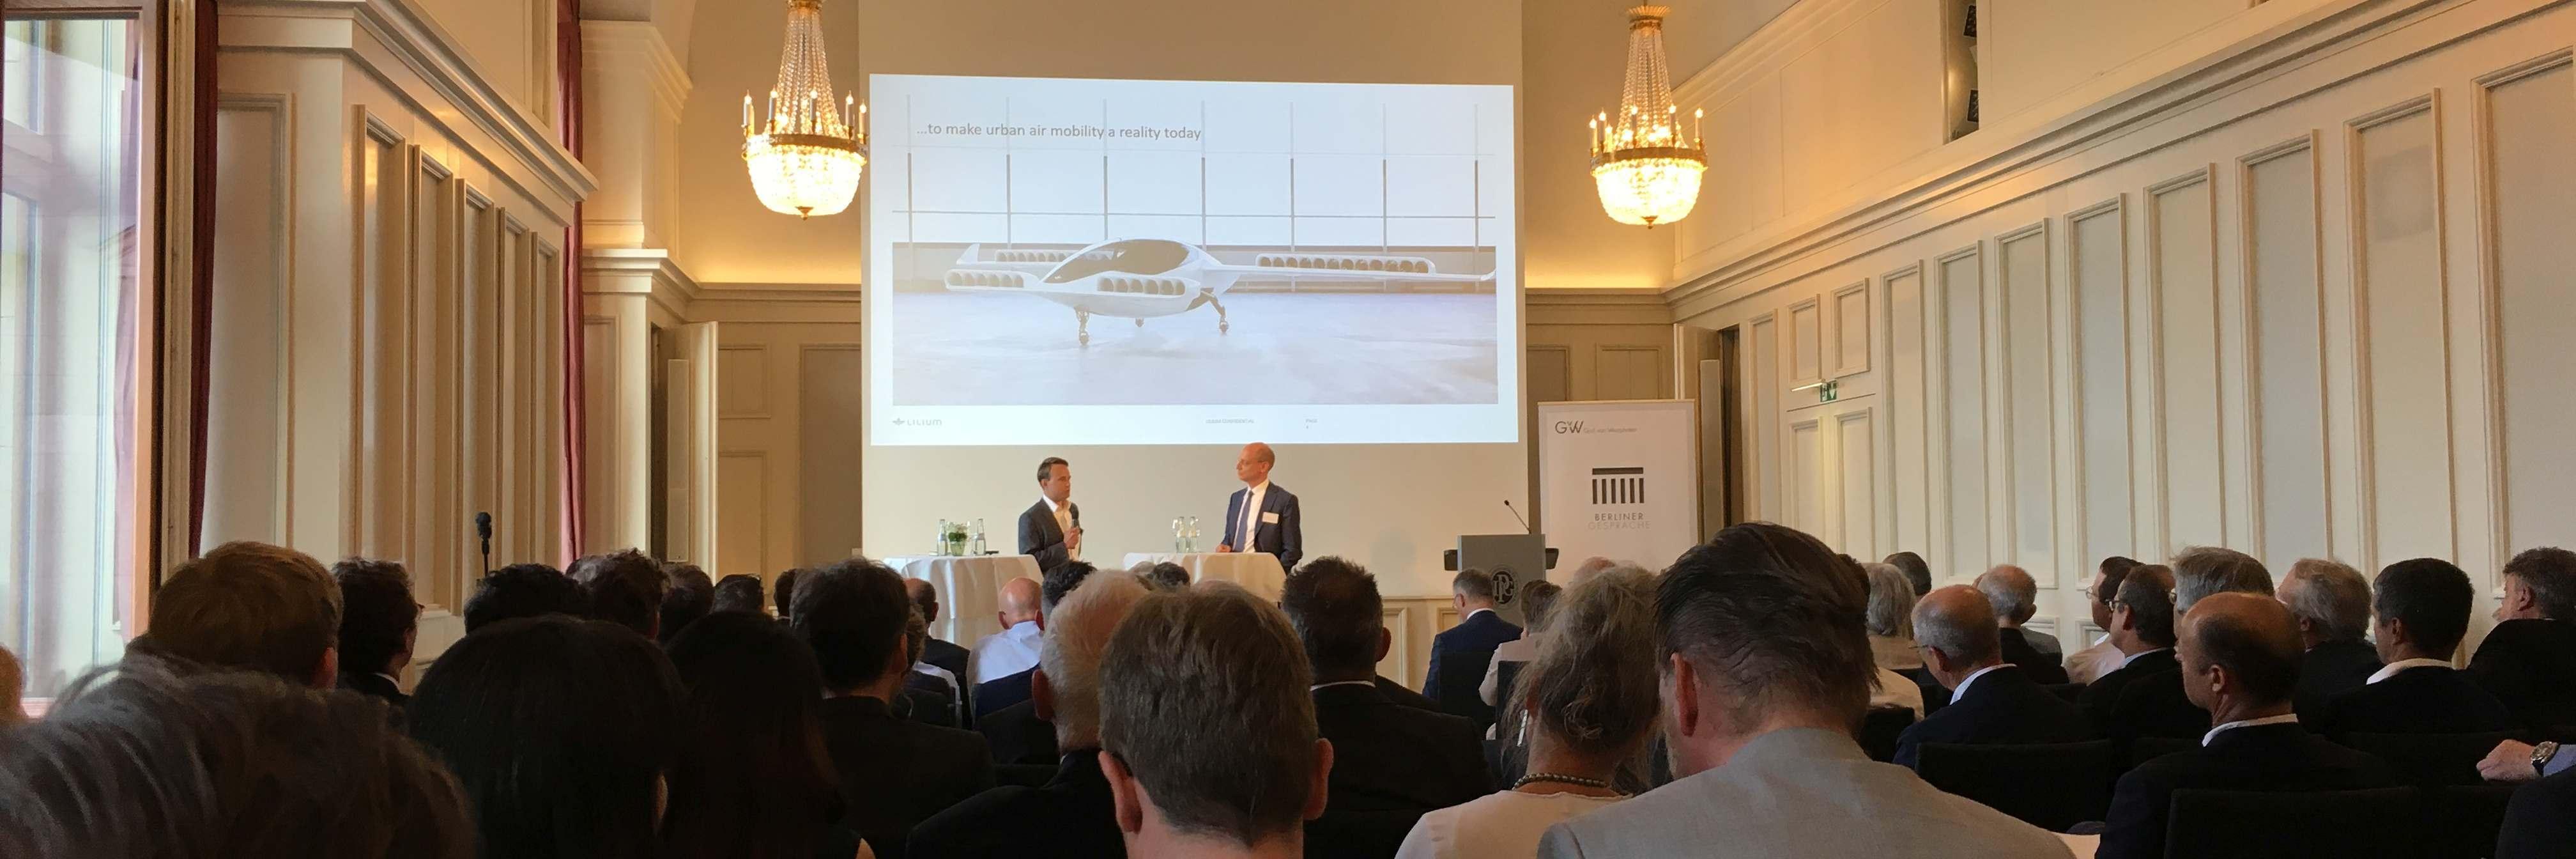 Berlin spricht über autonomes Fliegen